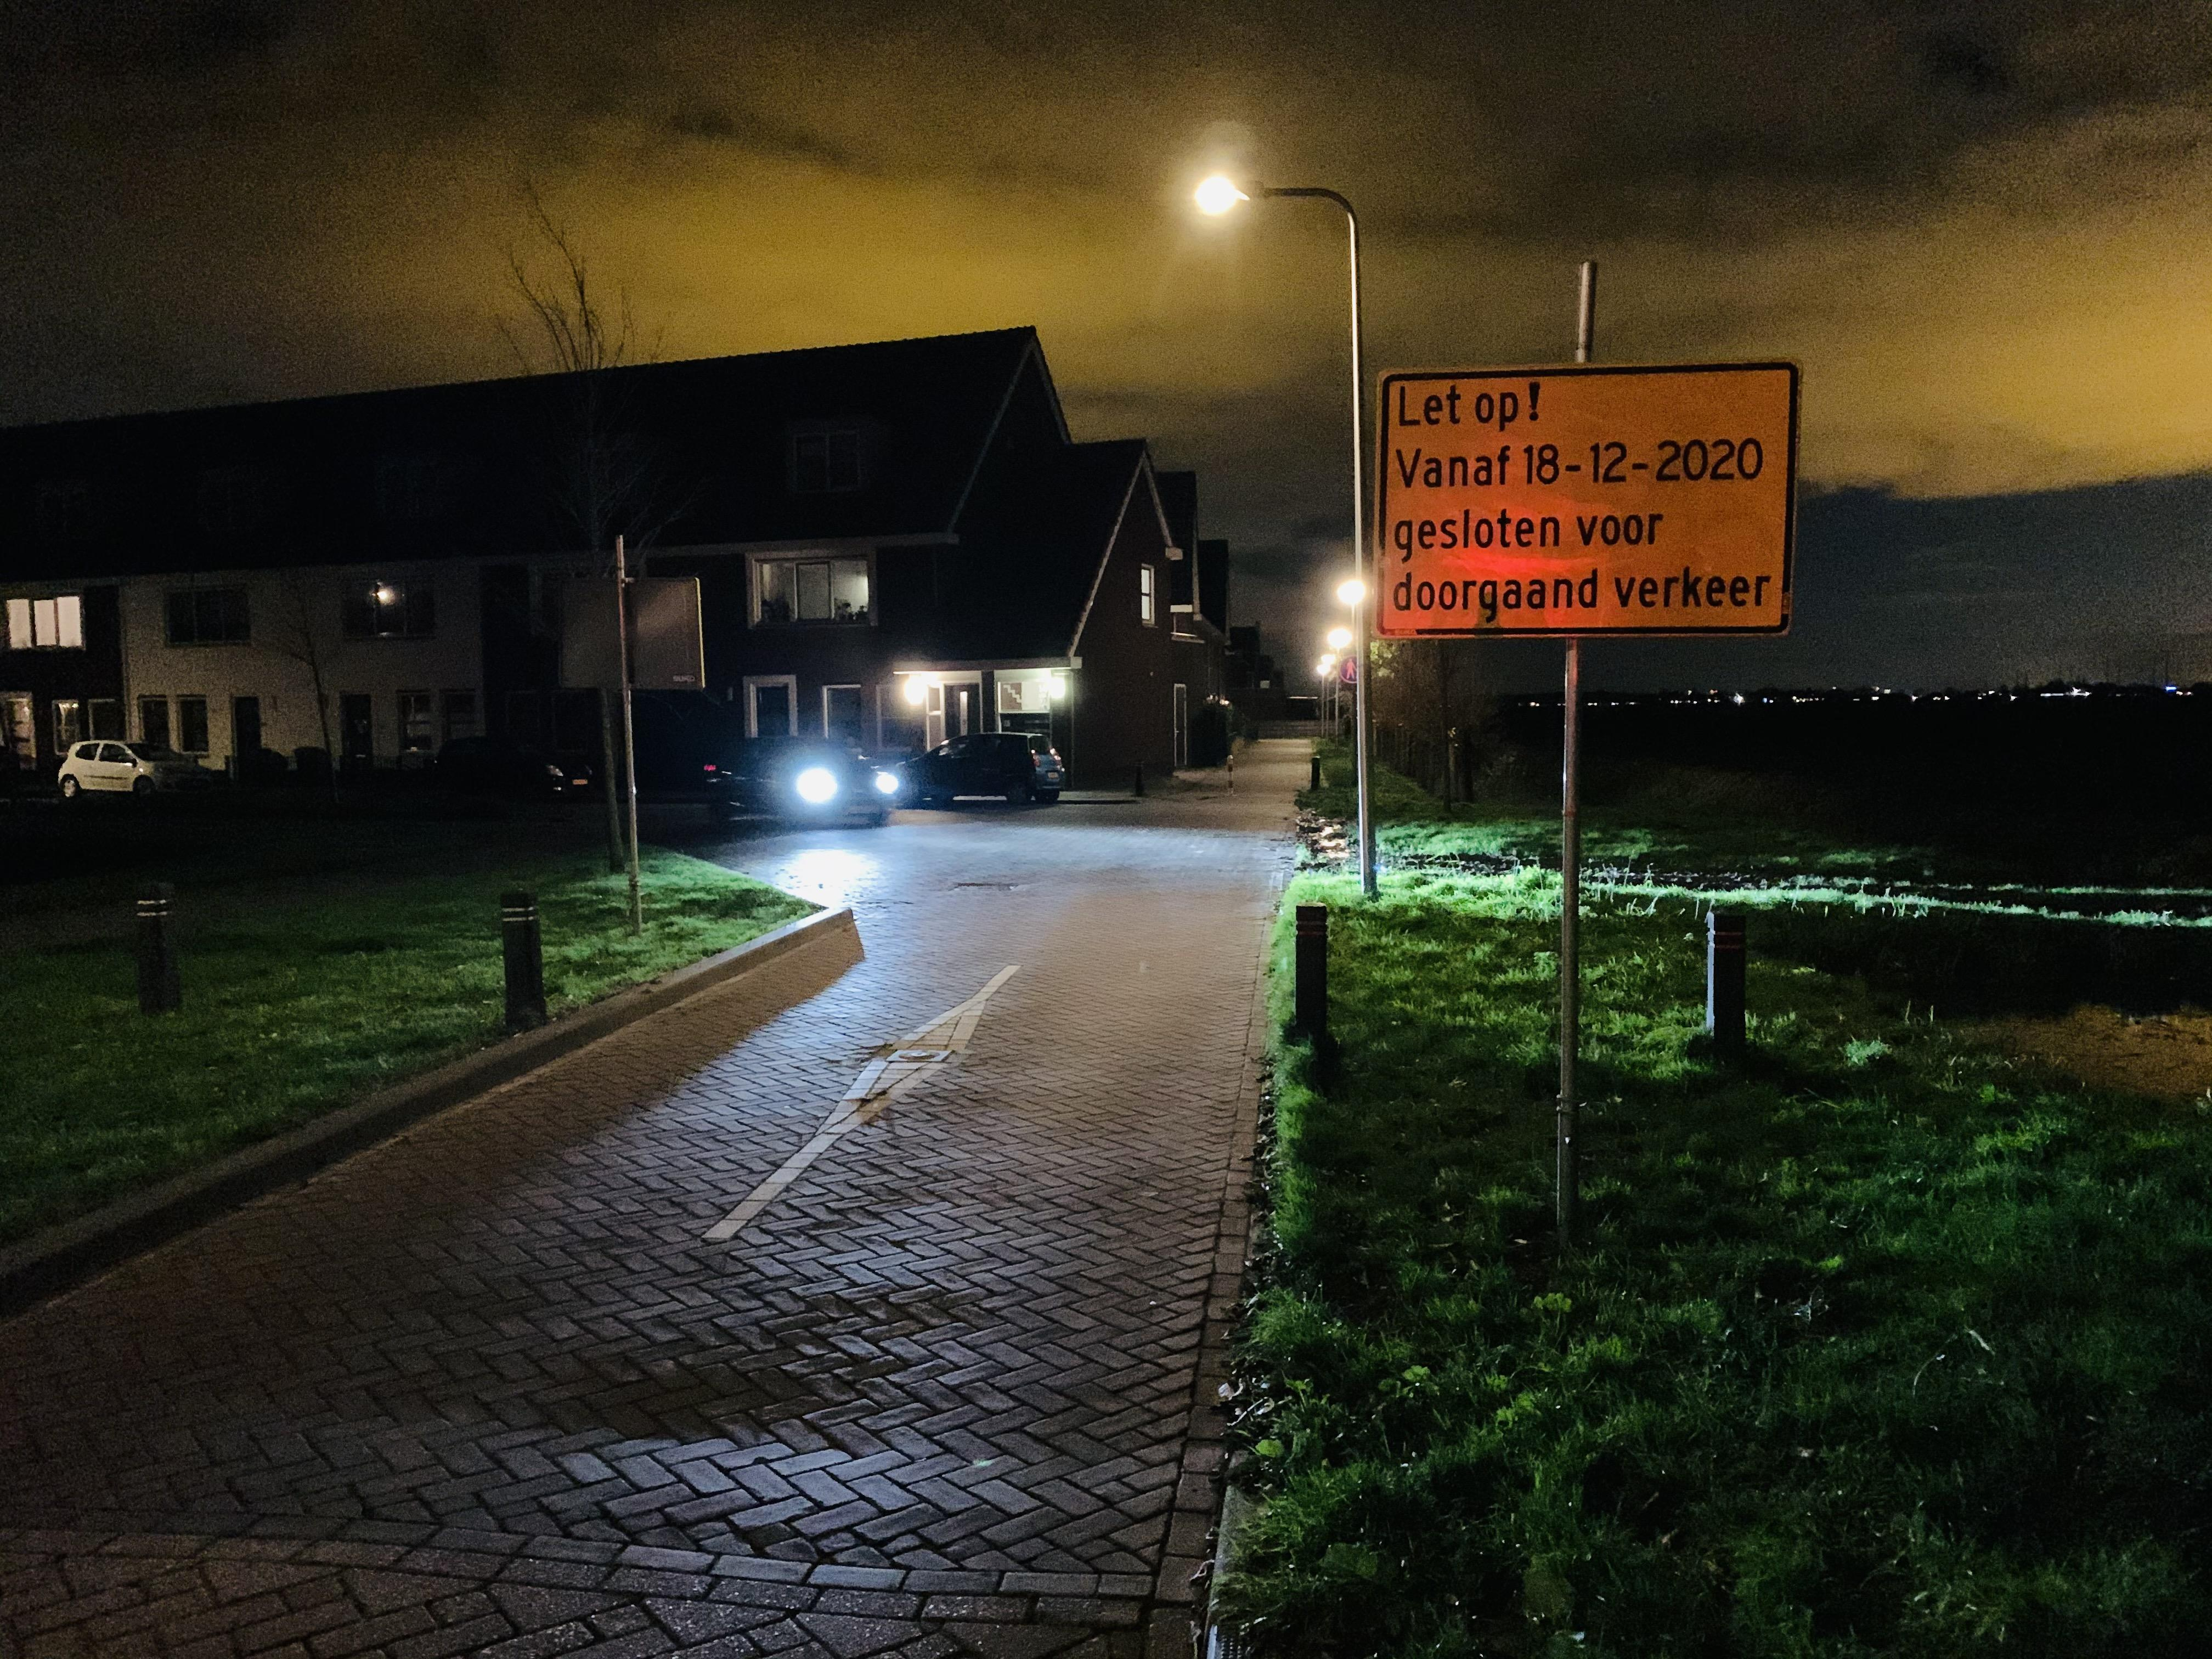 Ergernis over terugkeer 'paaltje' in Jan van Eijcklaan in Hazerswoude-Dorp: 'Gatver, dat wordt weer in de fles staan op de kruising'